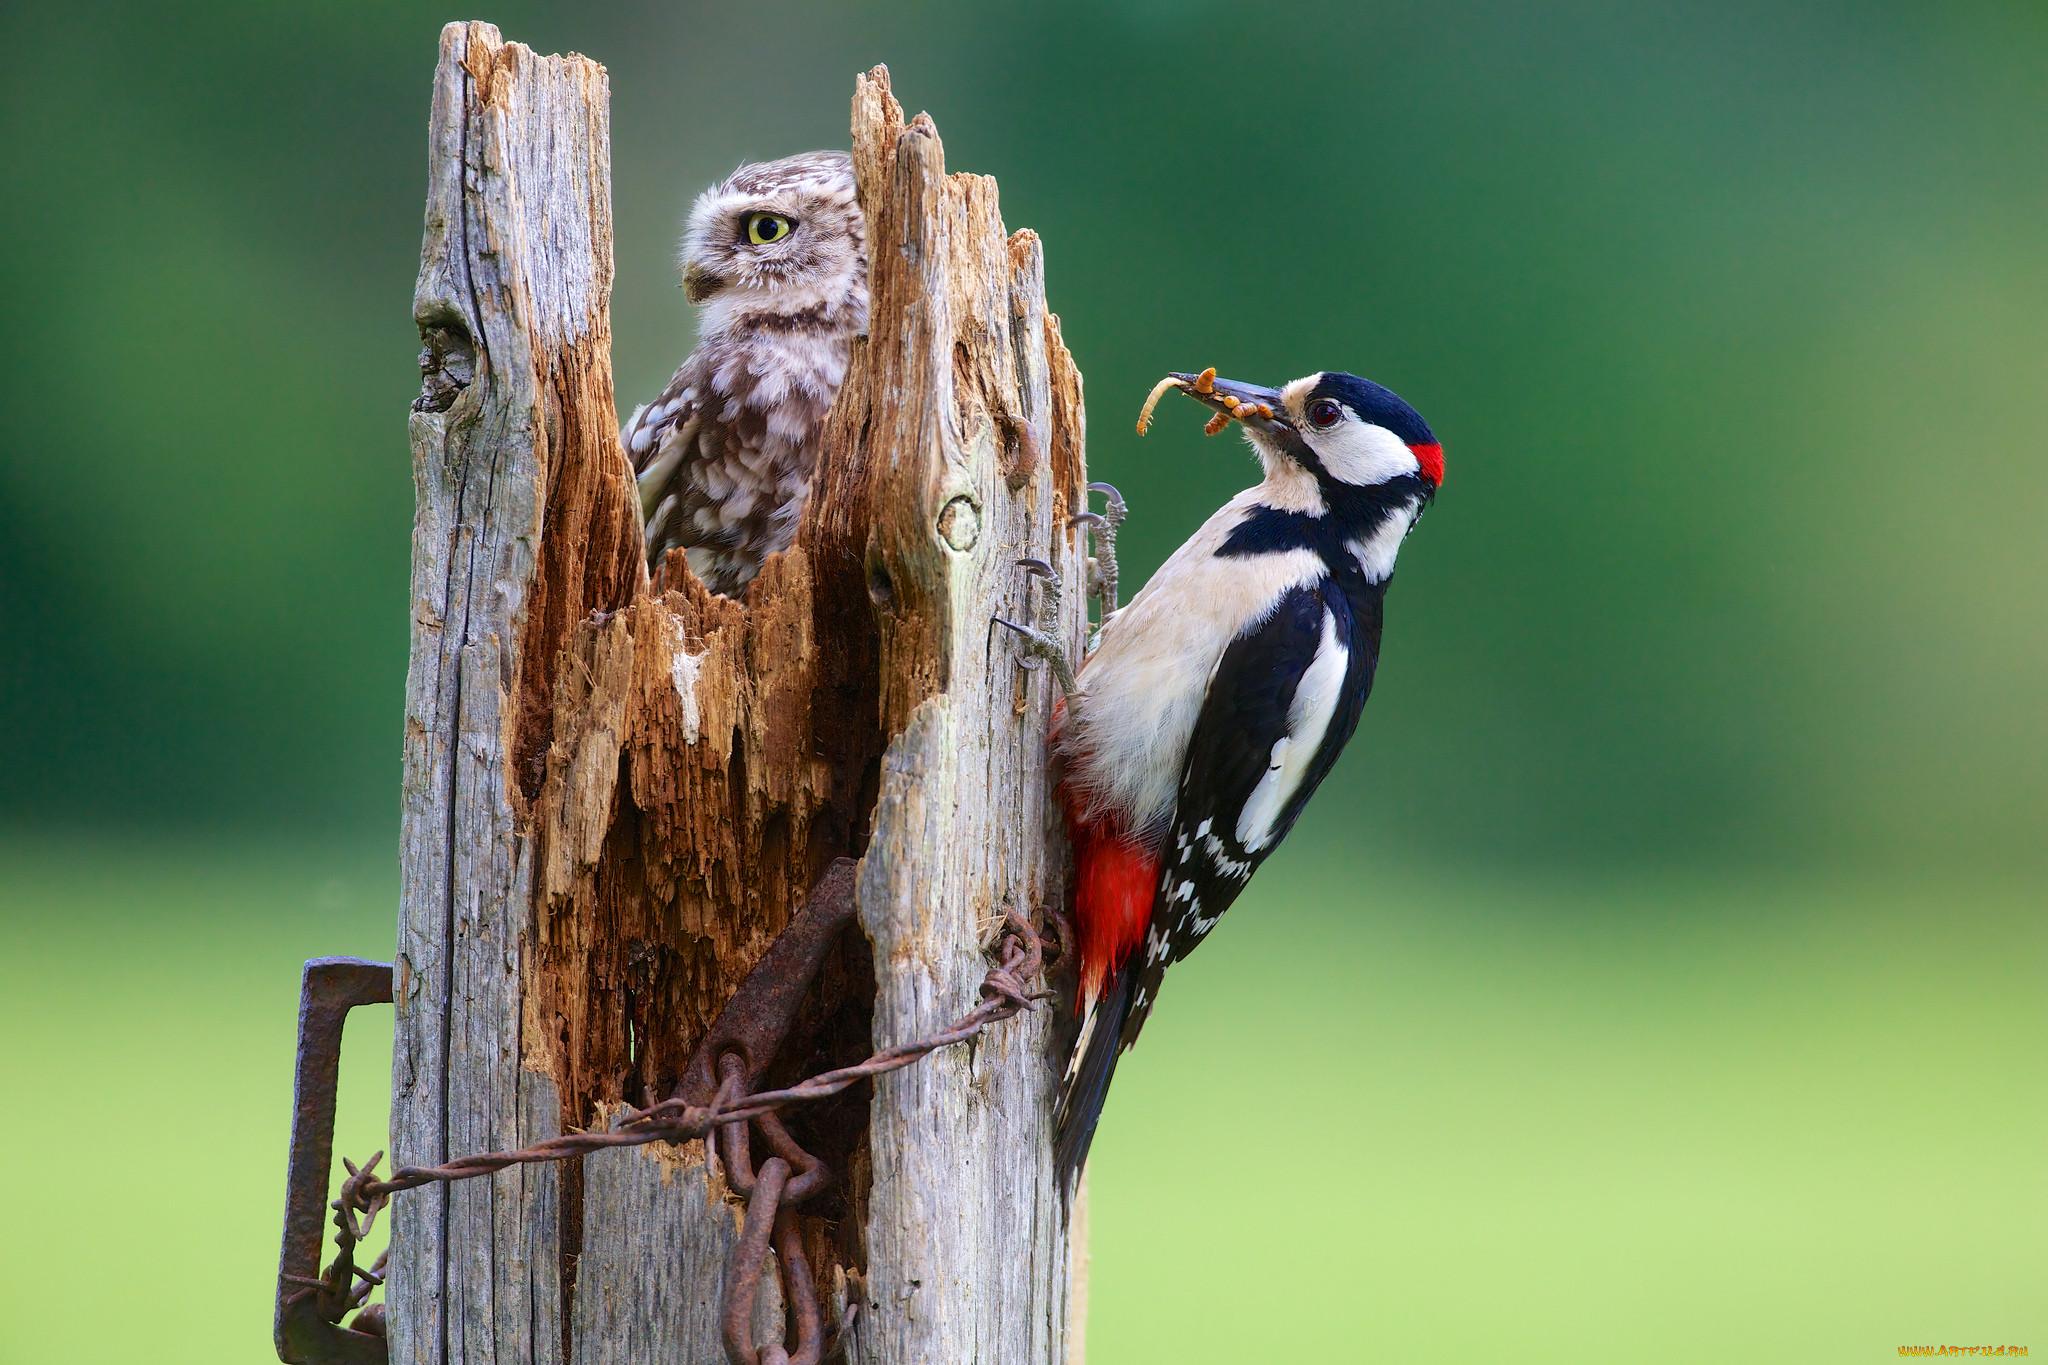 животные, птицы, сова, дятел, сыч